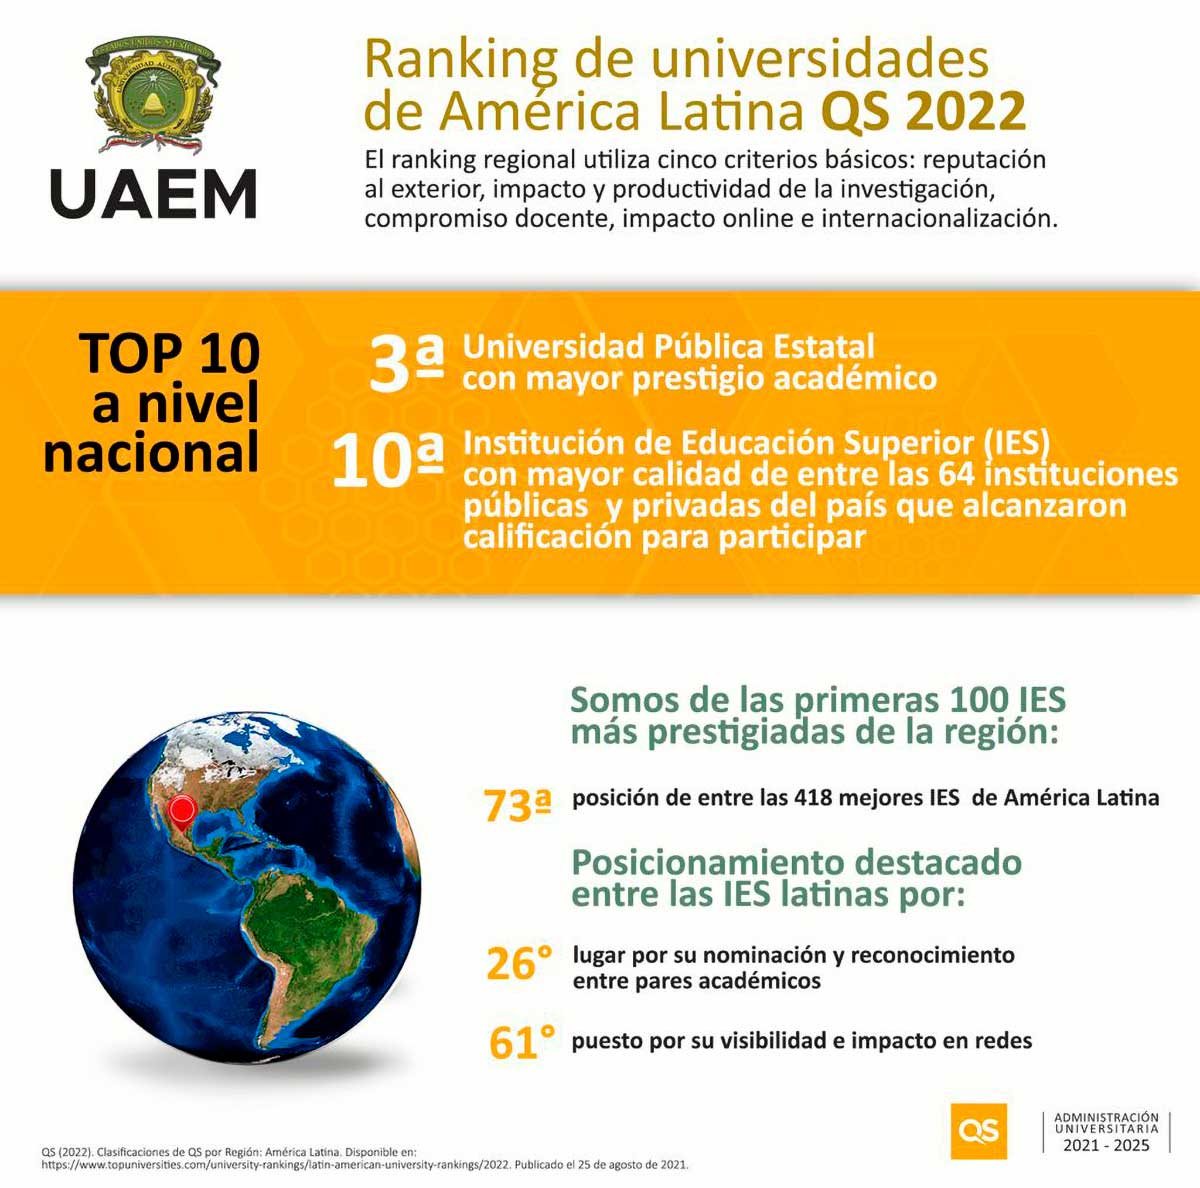 UAEM, tercera mejor universidad pública estatal: Quacquarelli Symonds